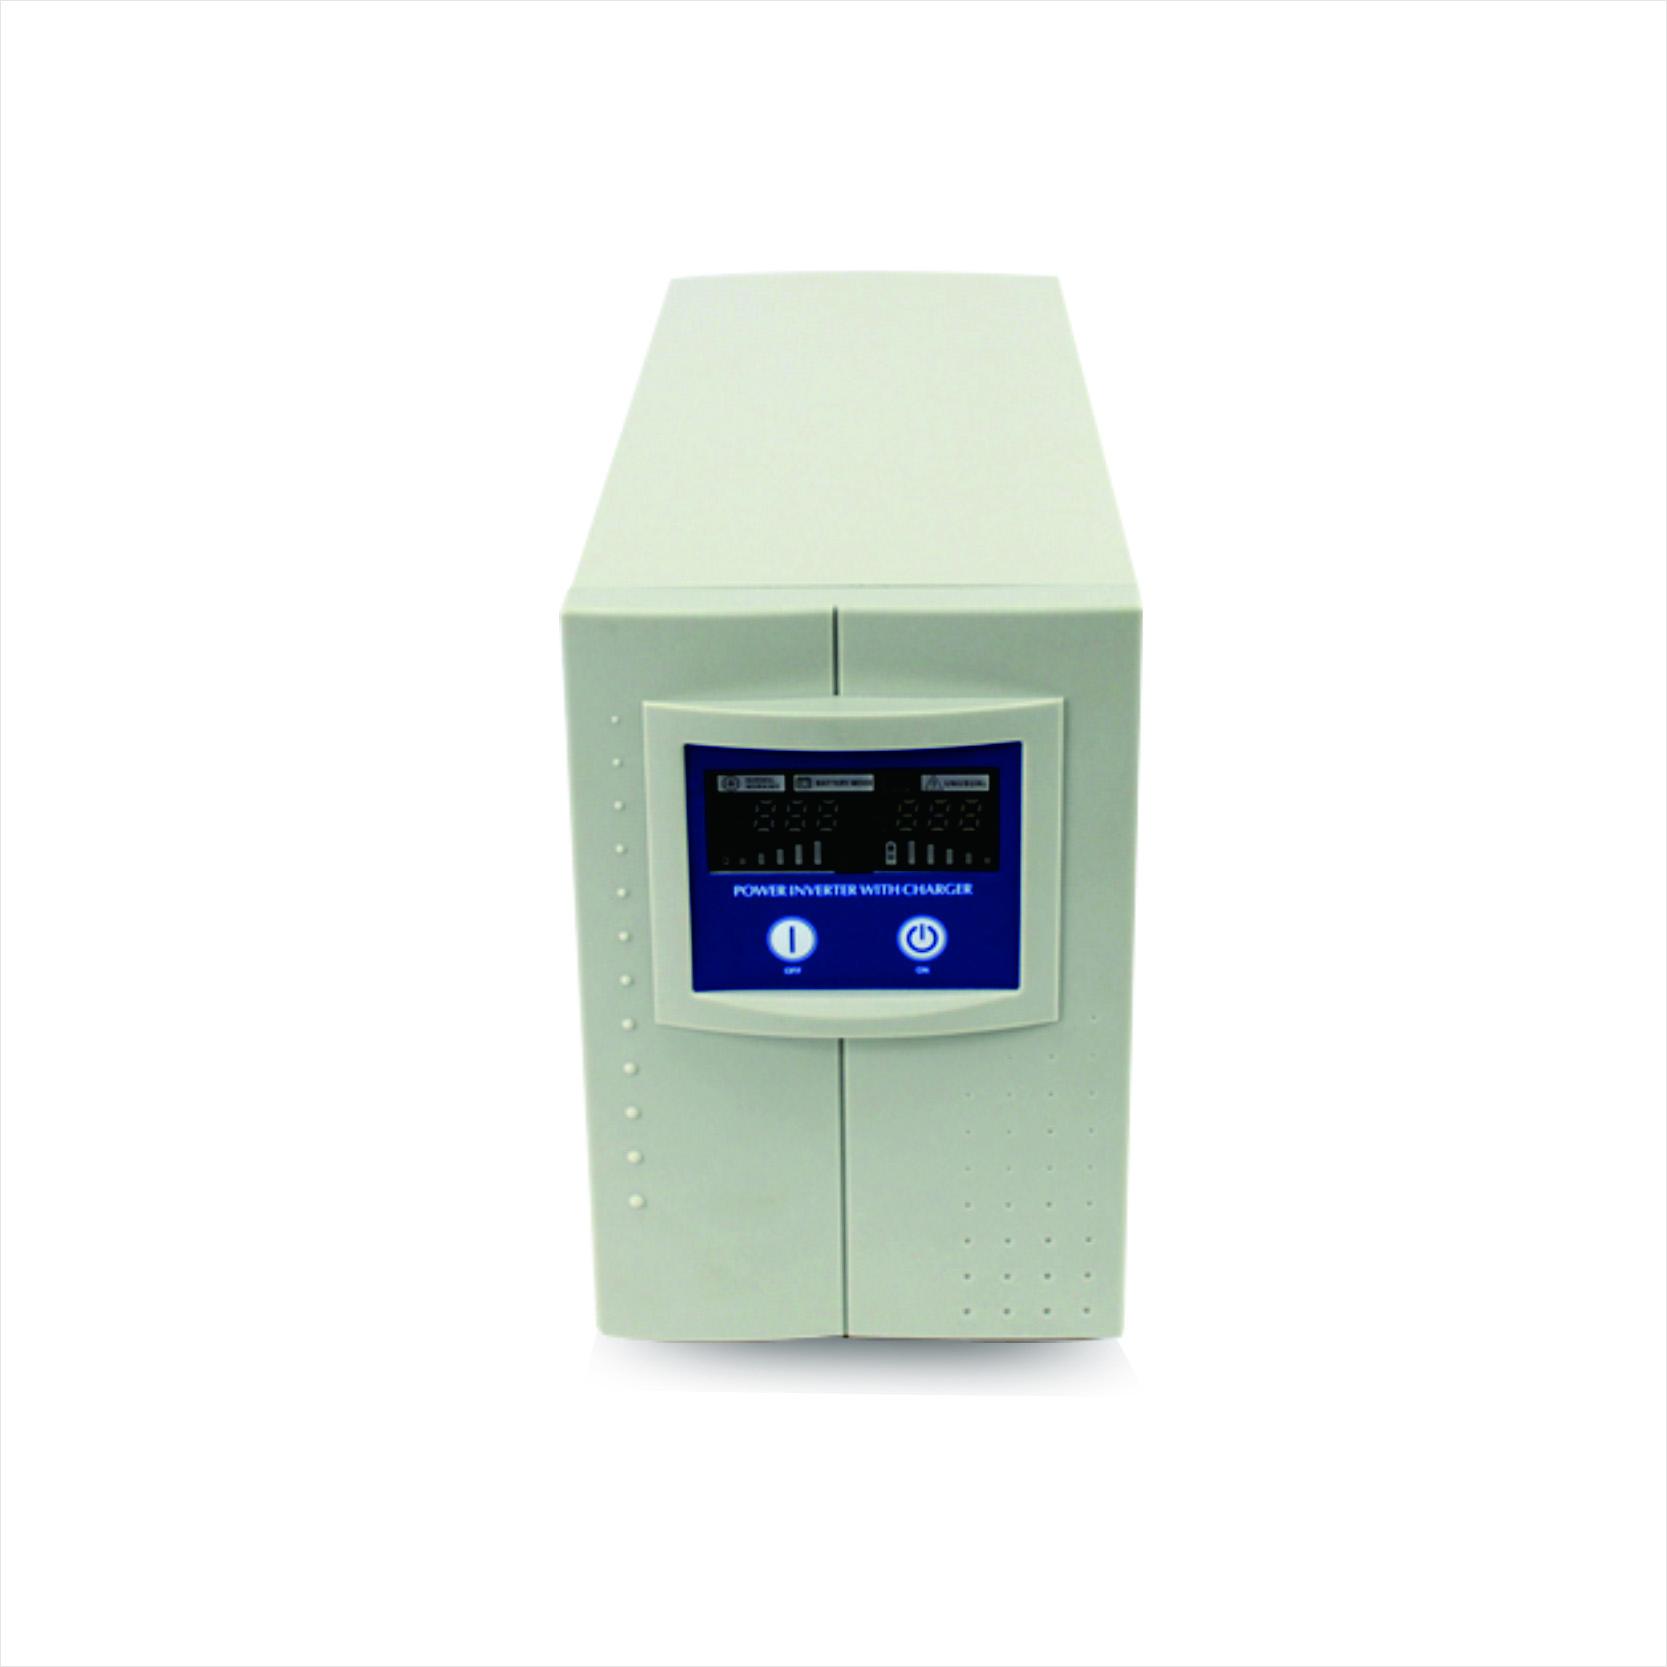 PRNZ-500D户用工频逆变电源